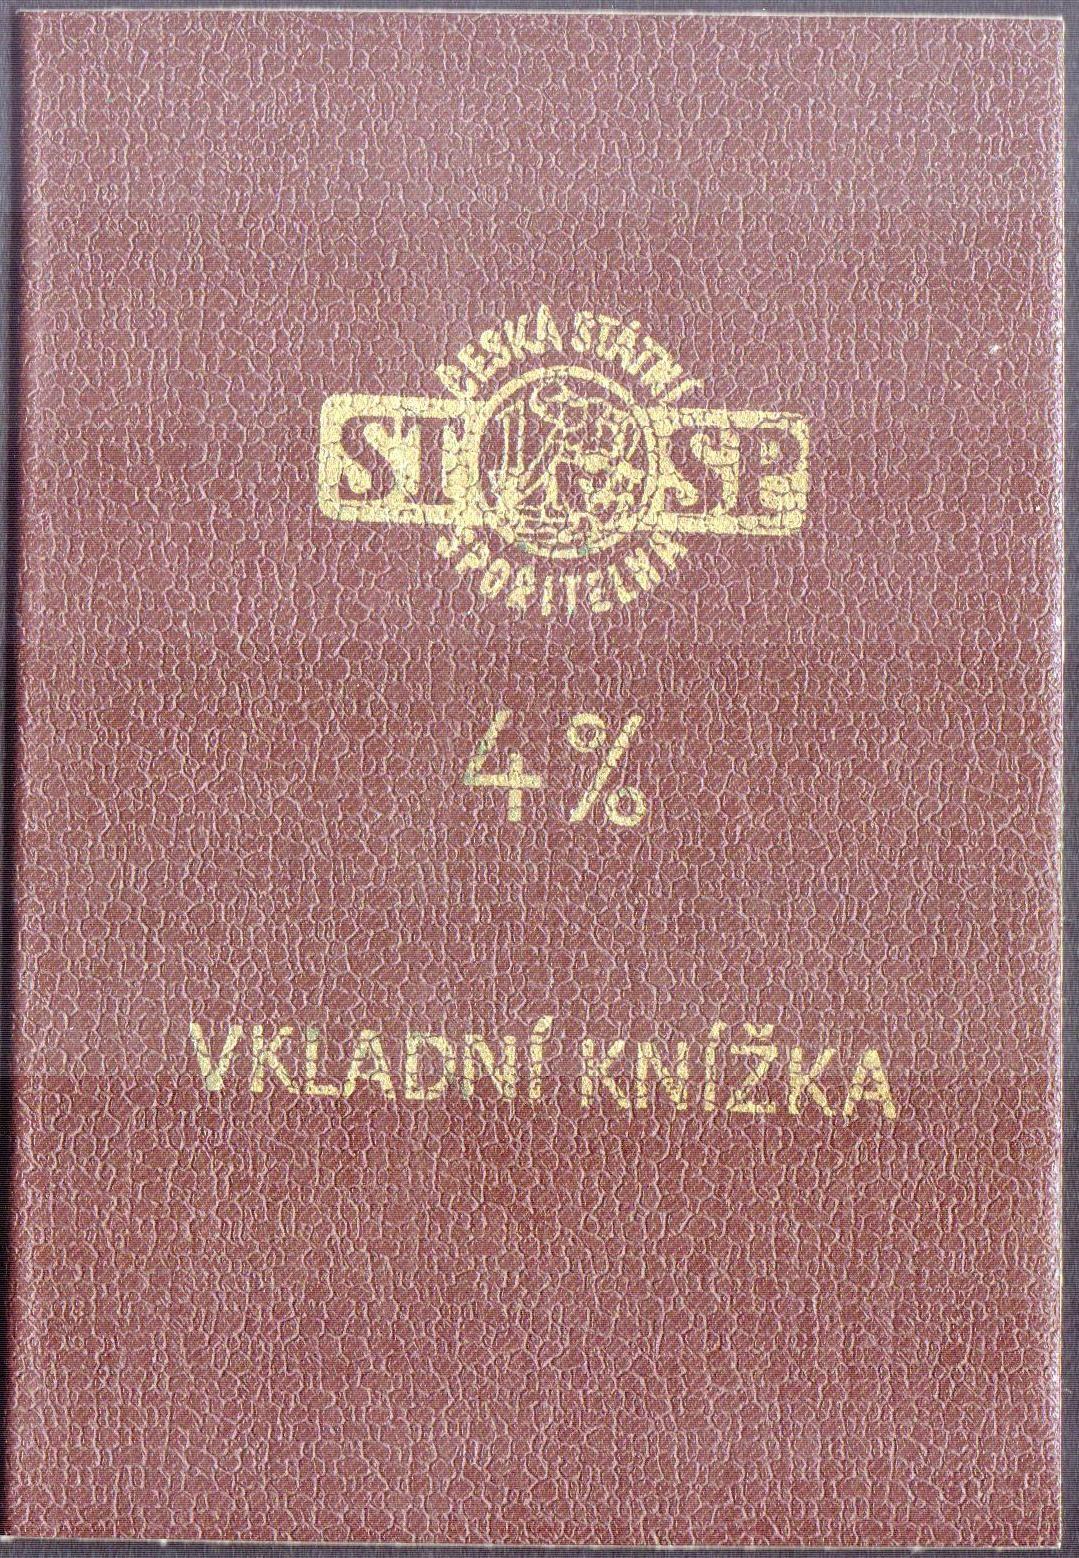 Vkladní knížka 4%, Česká spořitelna ČSSR (1985)